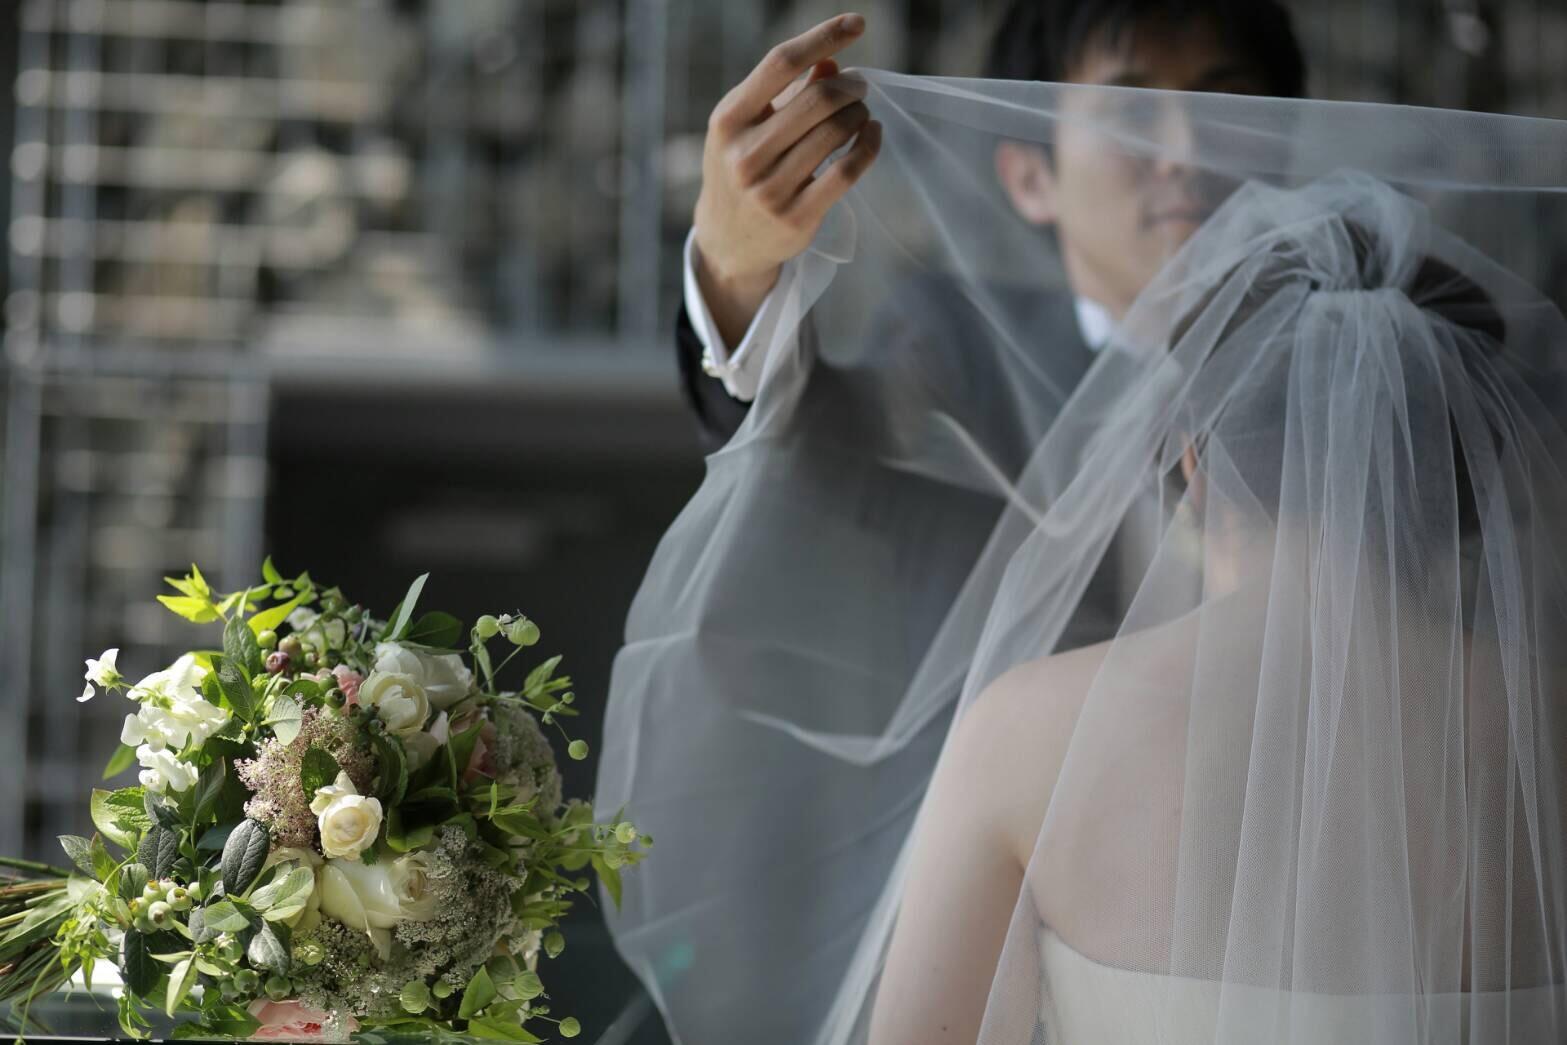 5月の花嫁_b0208604_20530763.jpeg